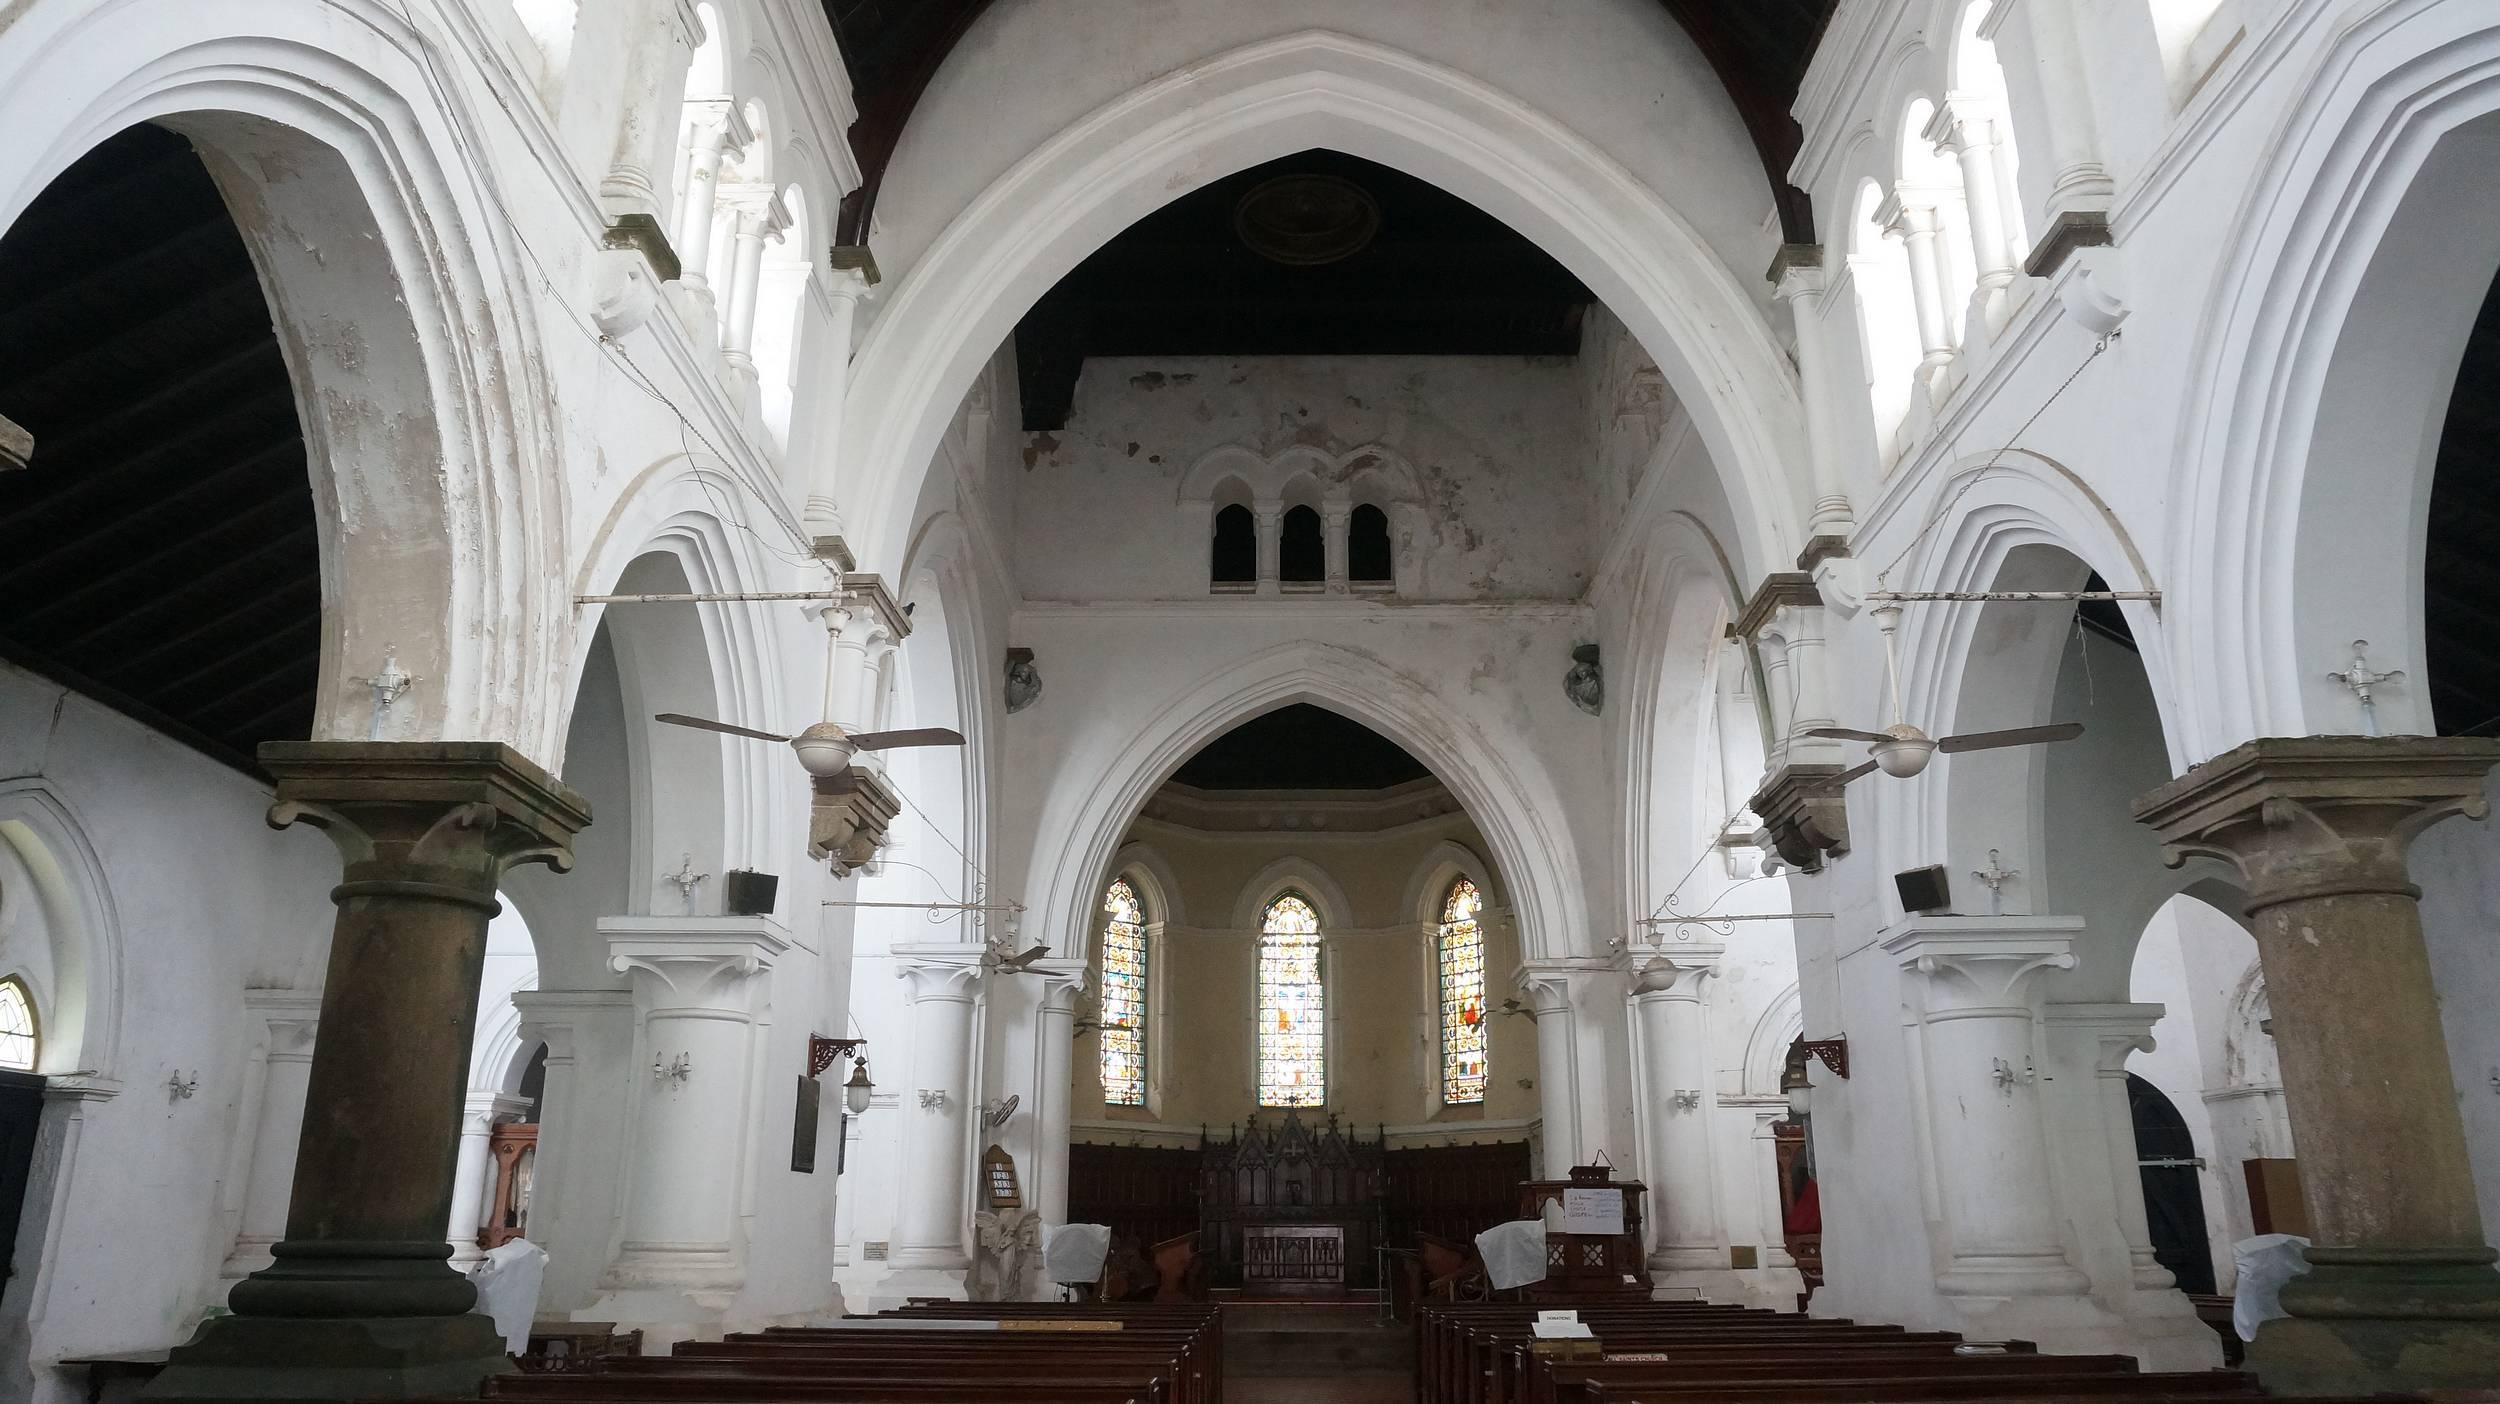 小城内有教堂,清真寺,欧式风格的街景.